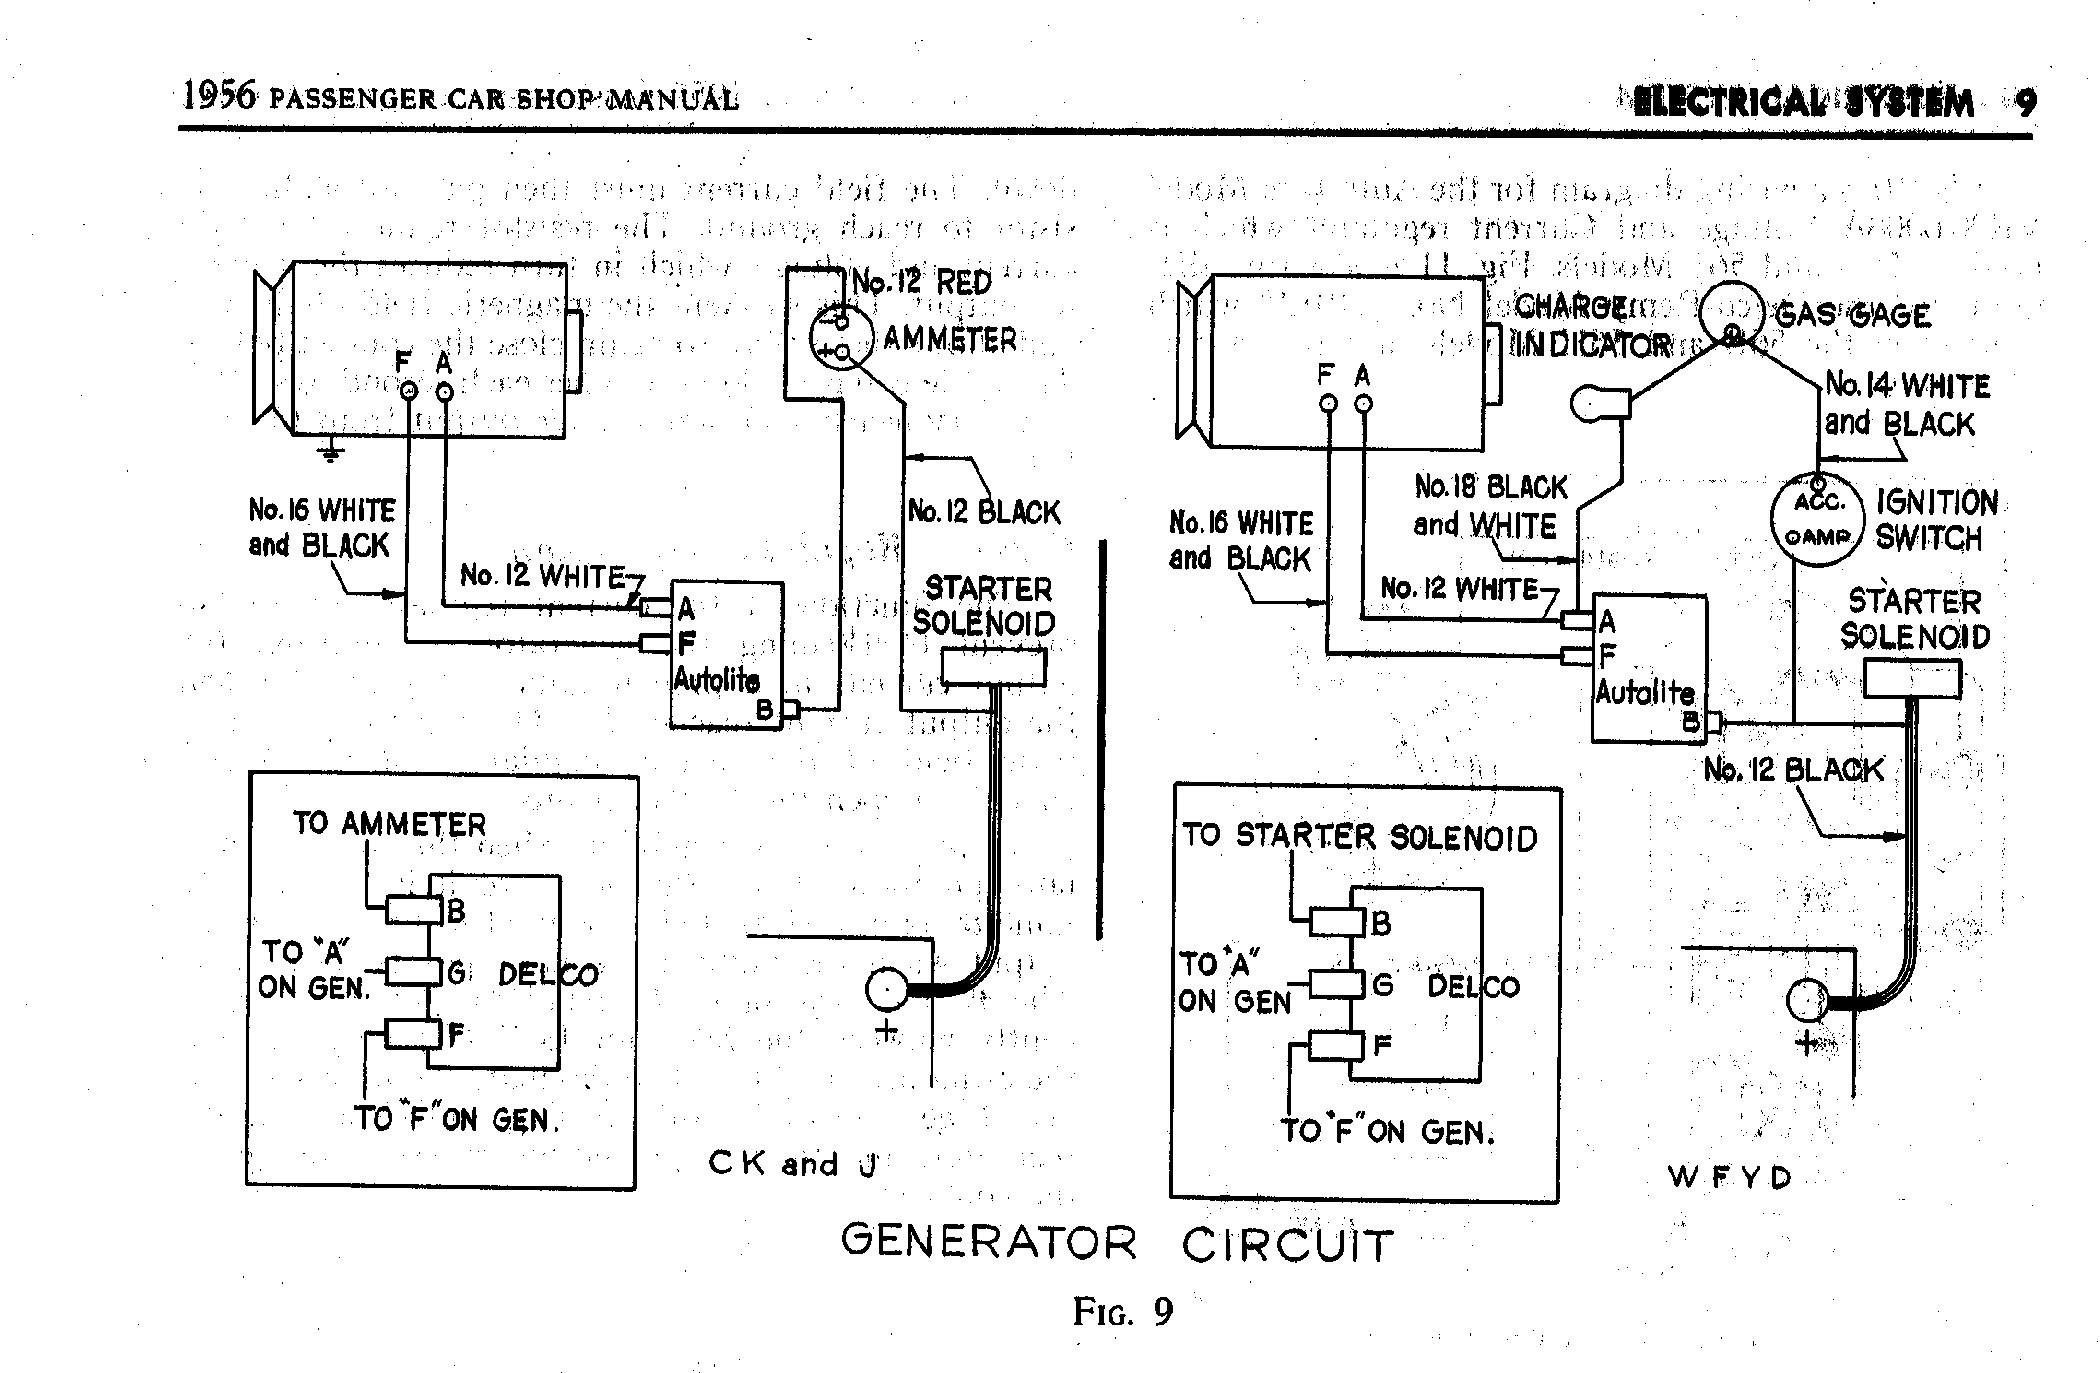 generac generator wiring diagram electrical wiring library Starter Wiring Diagram